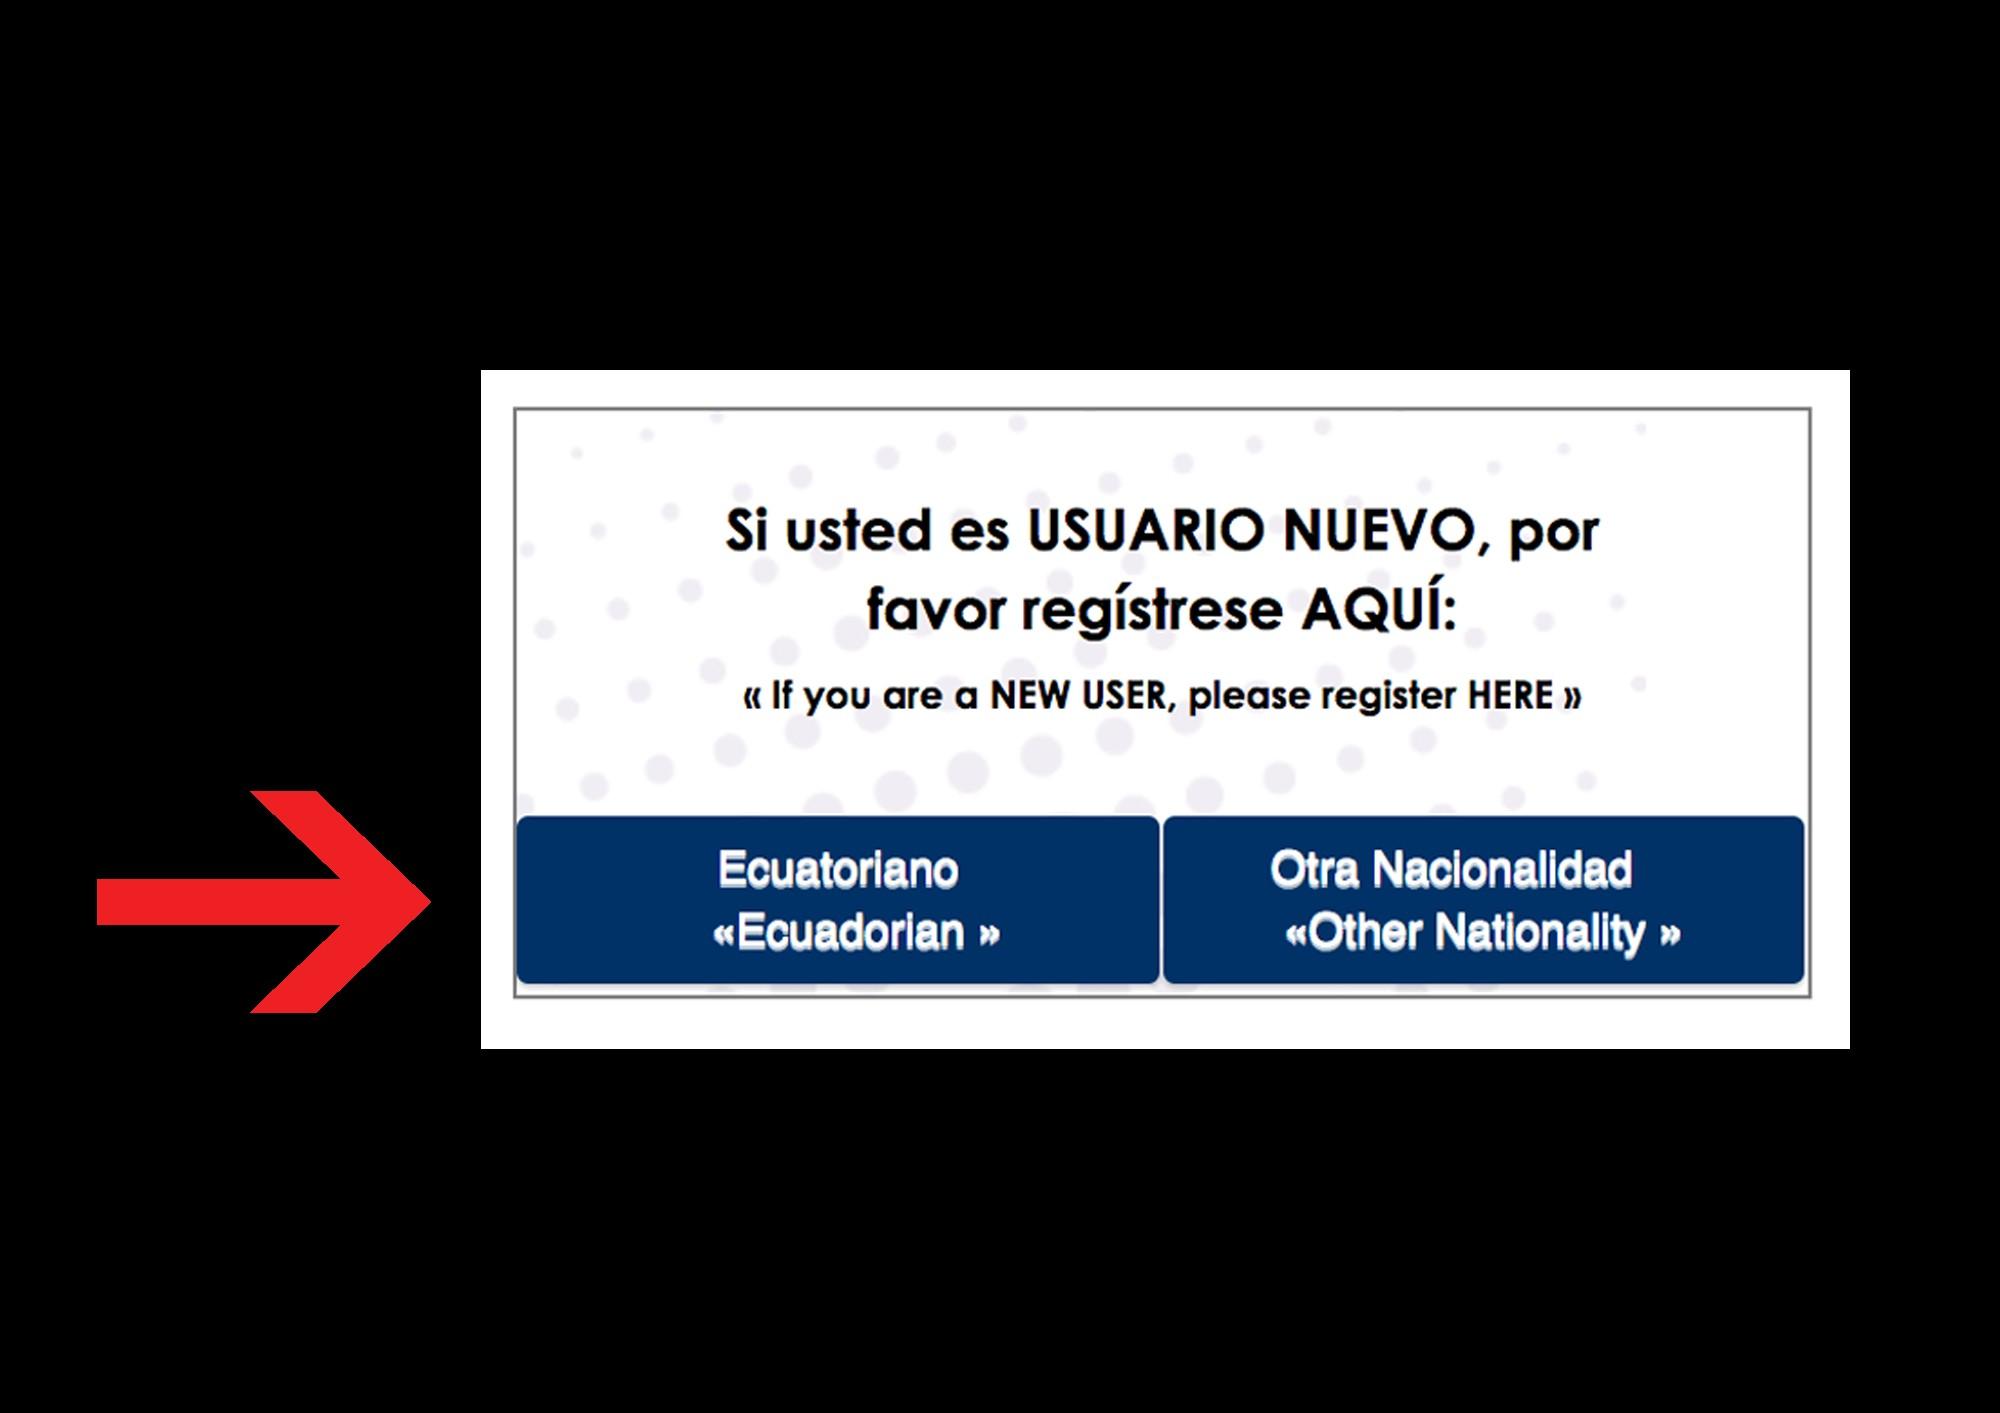 Calendario De Vacunacion 2017 Argentina Para Imprimir Más Recientemente Liberado Editafácil Visor Of Calendario De Vacunacion 2017 Argentina Para Imprimir Actual 125 Best Viajes Images On Pinterest